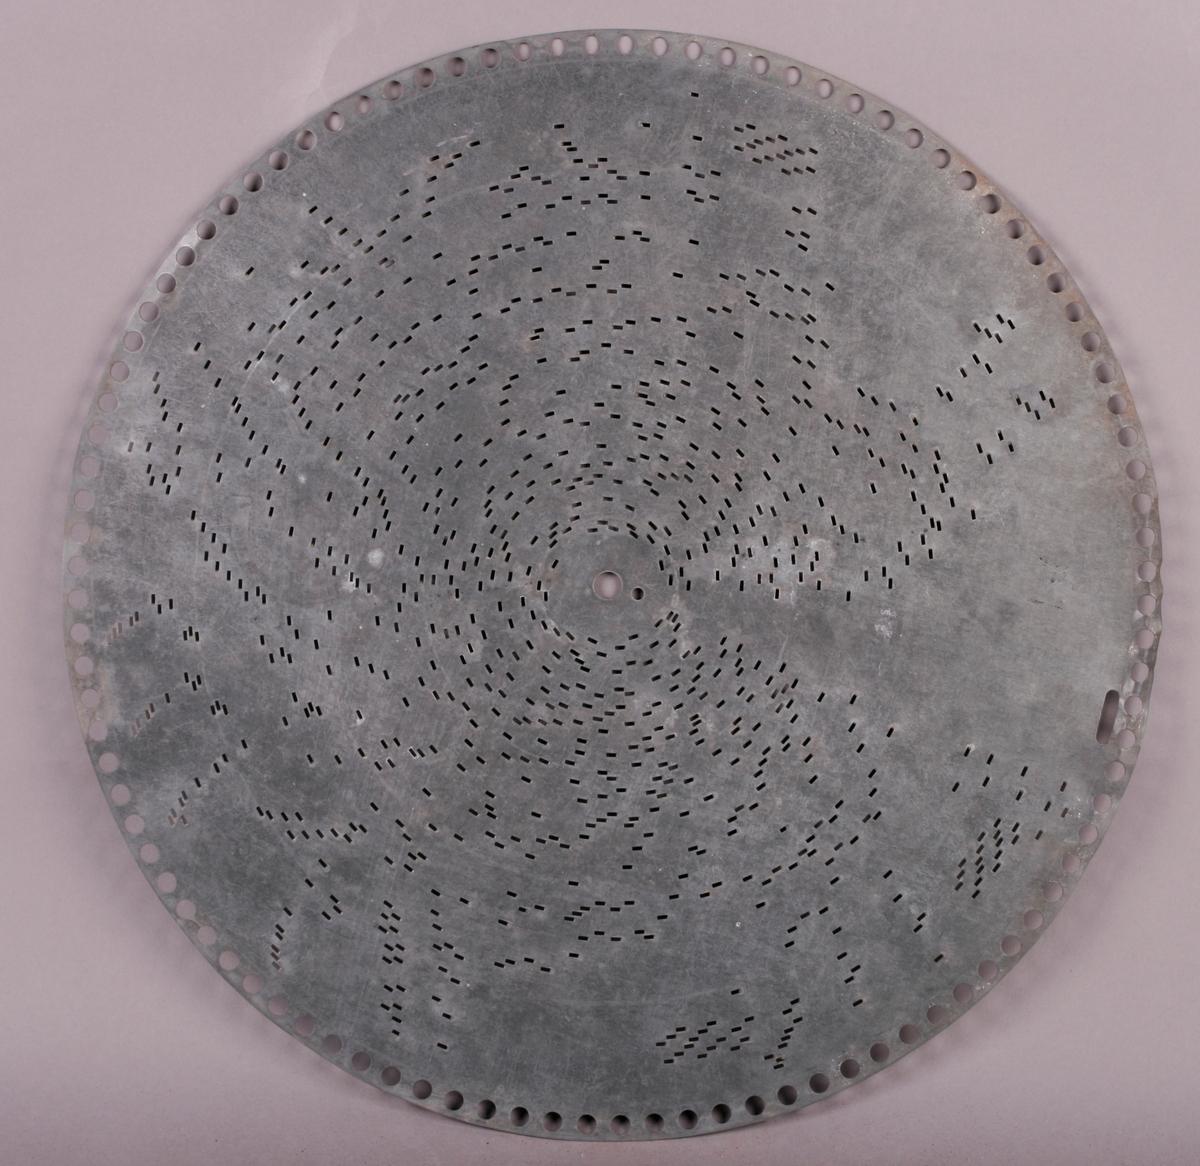 """Perfortert metallplate med pigger på undersiden. Programmert musikk for platespilledåse. 76-spor, Ø 40 cm. Drivsystem: perifere hull langs kant (ø=7 mm) for perifer tannhjulsdrift, samt et 19 mm avlangt hullfor å markere slutt/stopp.  Sentrumhull, diameter: 8 mm, samt et """"satelitt-hull"""" ved siden (ø=4 mm) på RMT 932 M-Ø, AB,  AD-AF, AH-AM, AP-AT (31 stykk). U-formet pigger på underside av platene."""